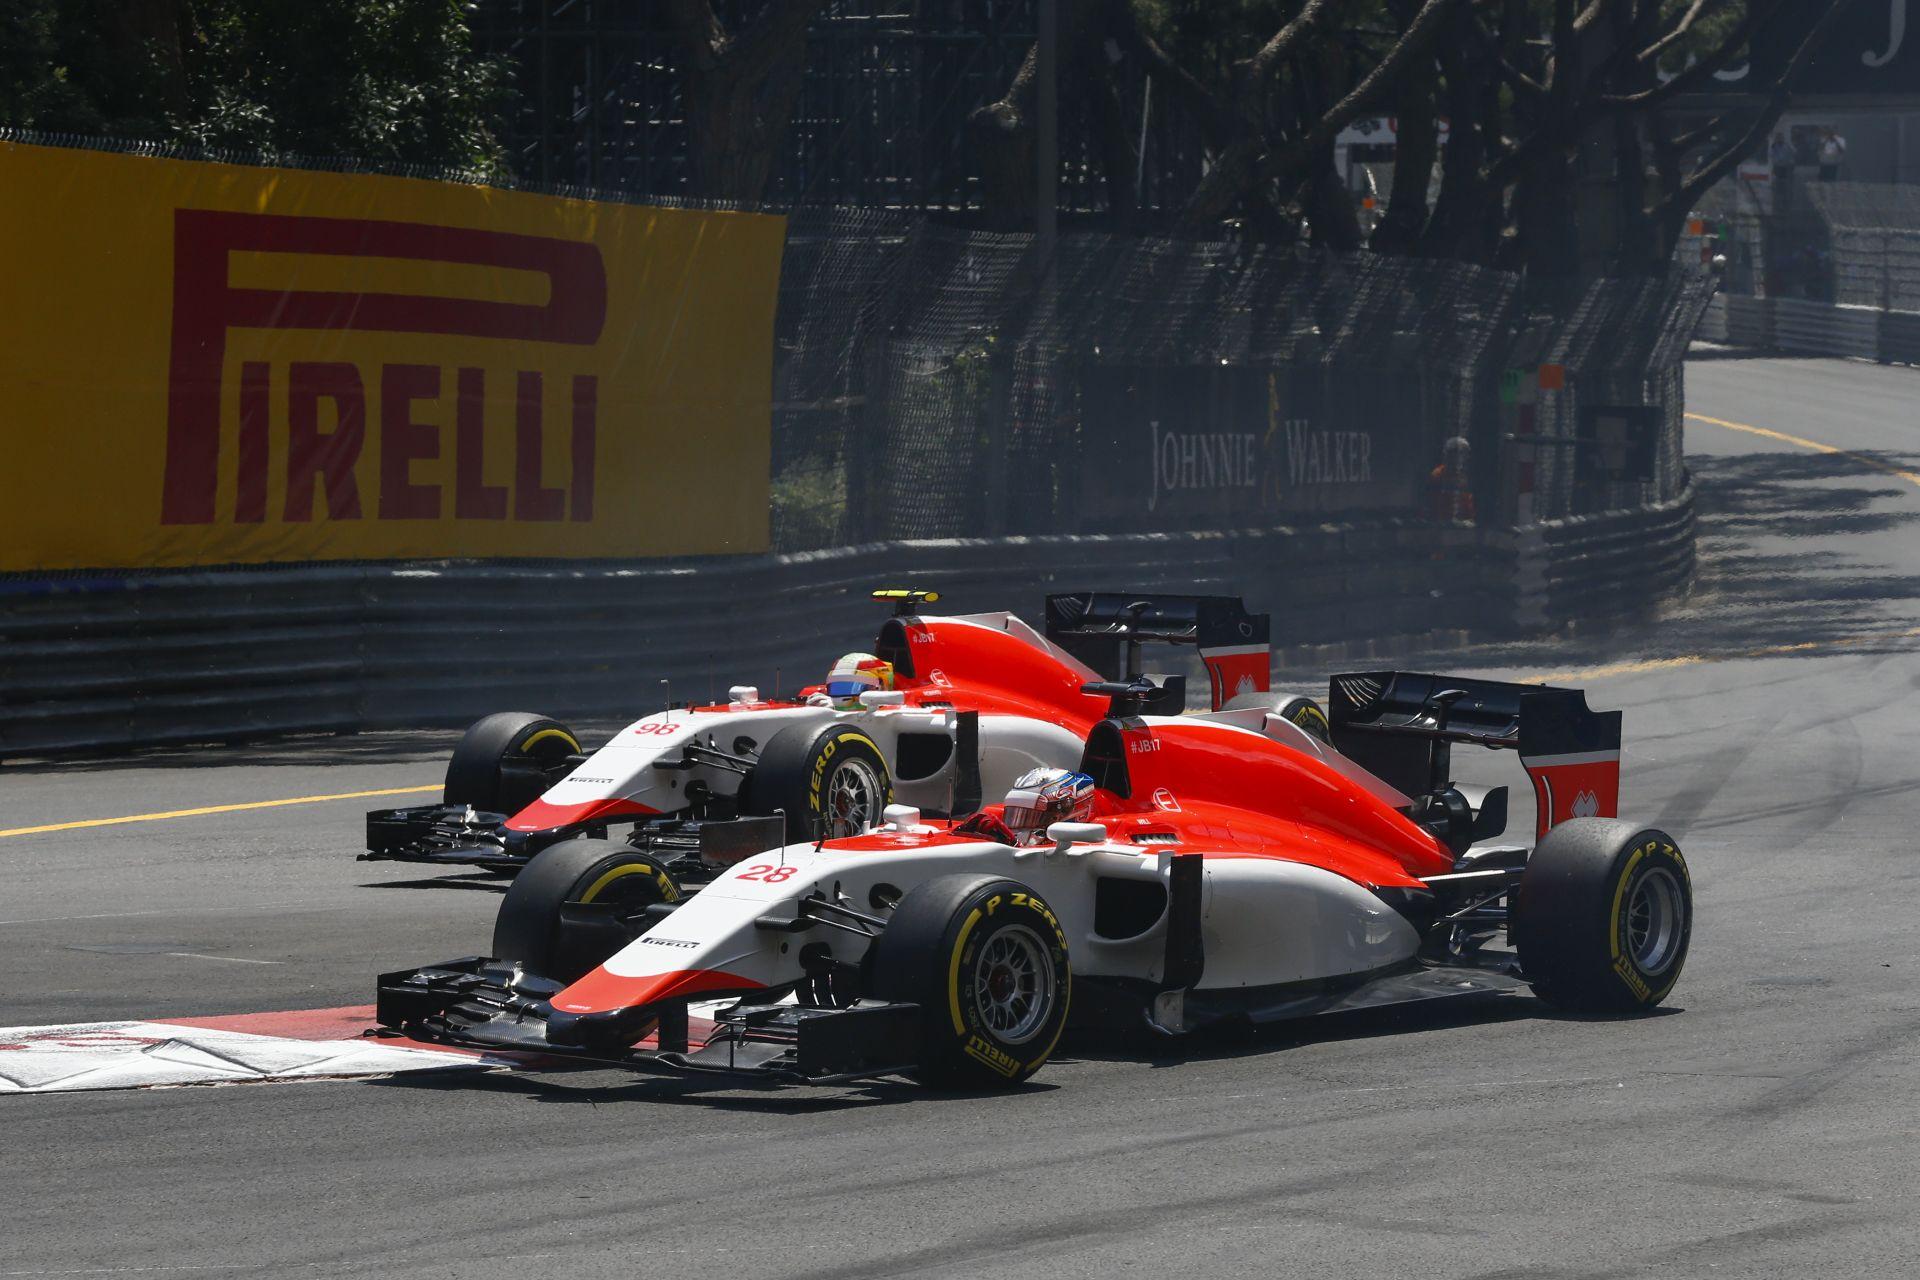 """Vajon a Manor F1 Team meddig bírja? És tulajdonképpen miből is fizetik a """"sztárokat""""?"""